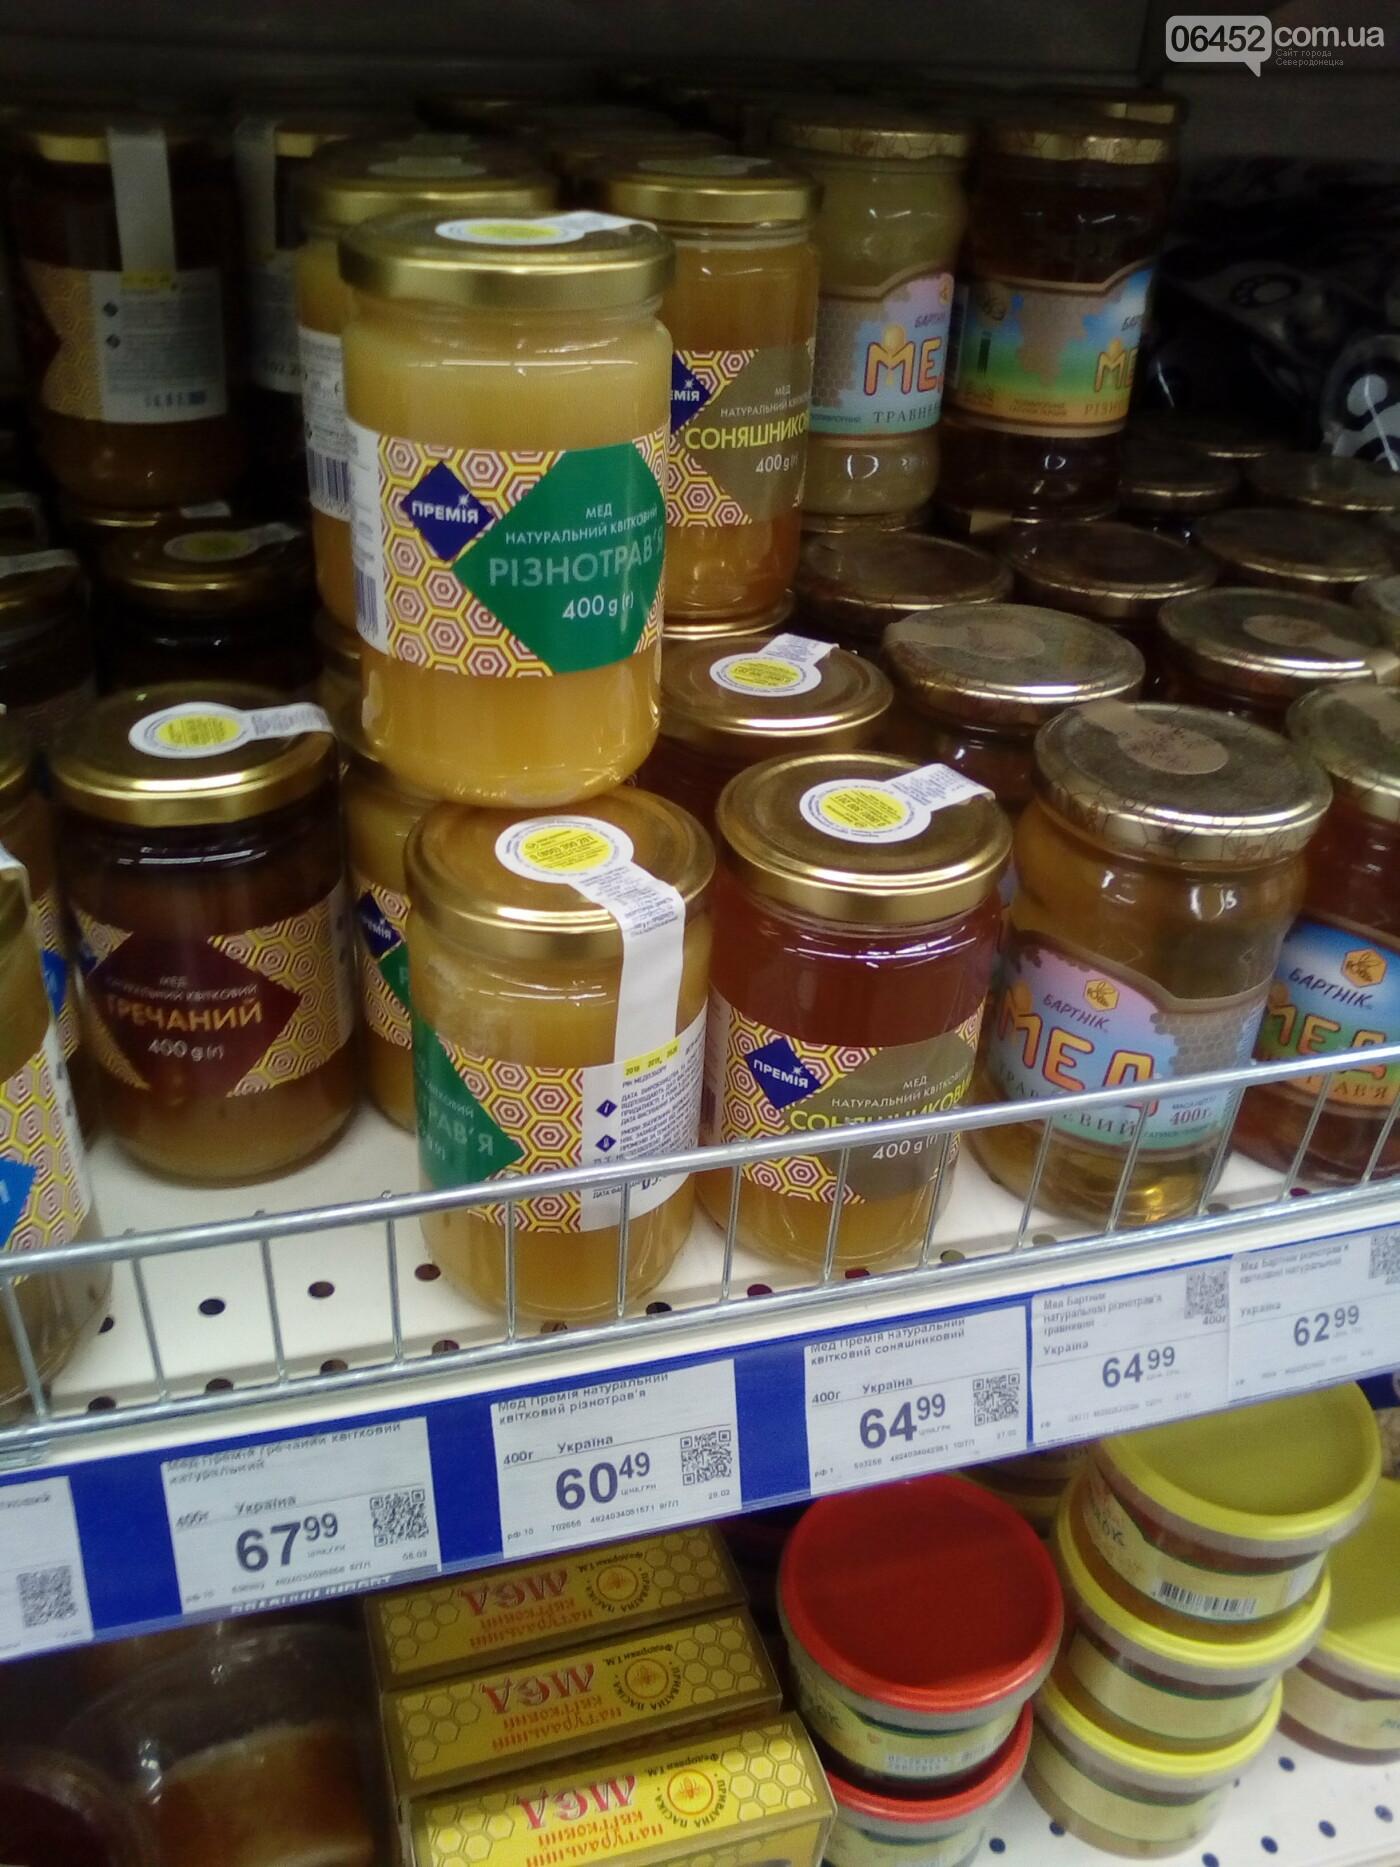 Сколько стоит «витаминный набор» в Северодонецке, фото-5